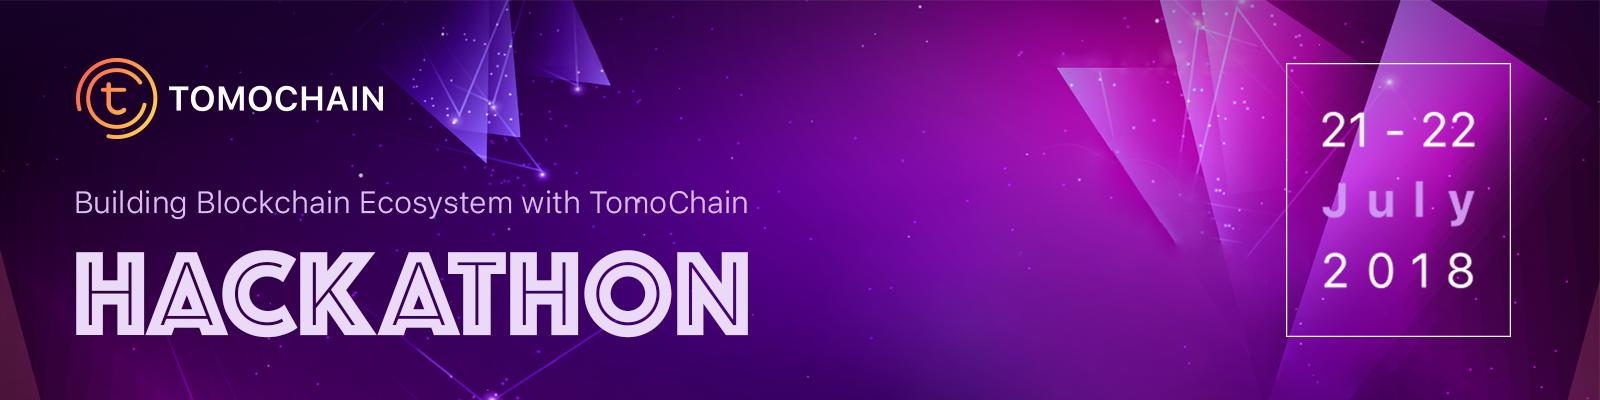 TomoChain Hackathon